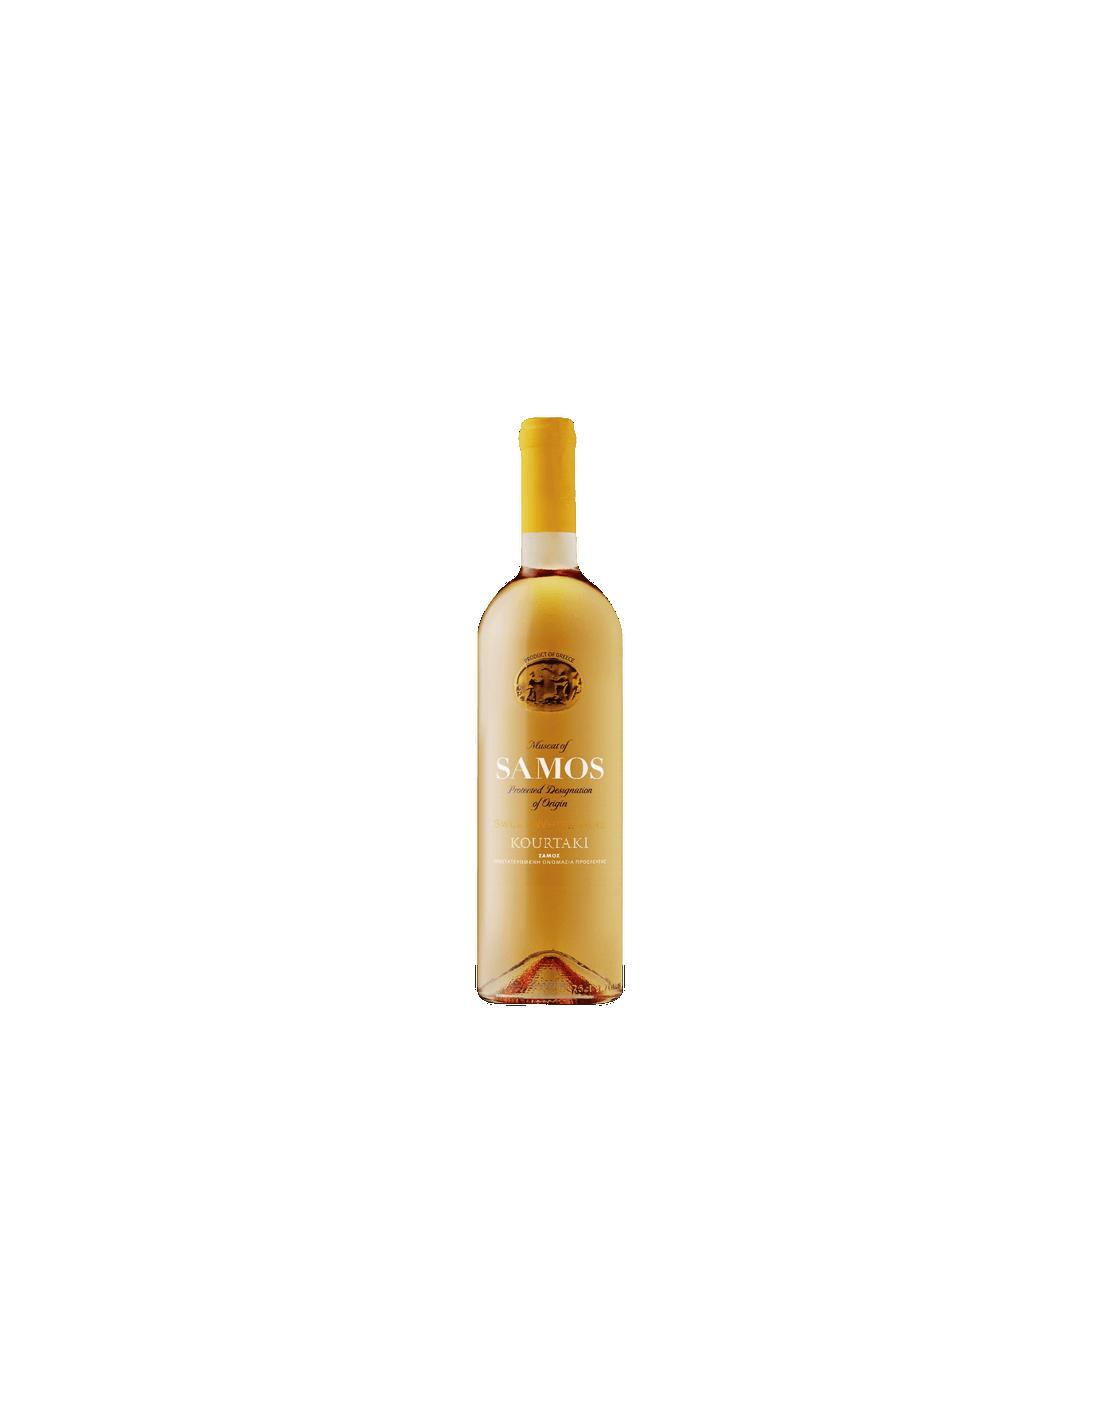 Vin alb dulce, Muscat, Kourtaki Samos, 0.75L, 15% alc., Grecia